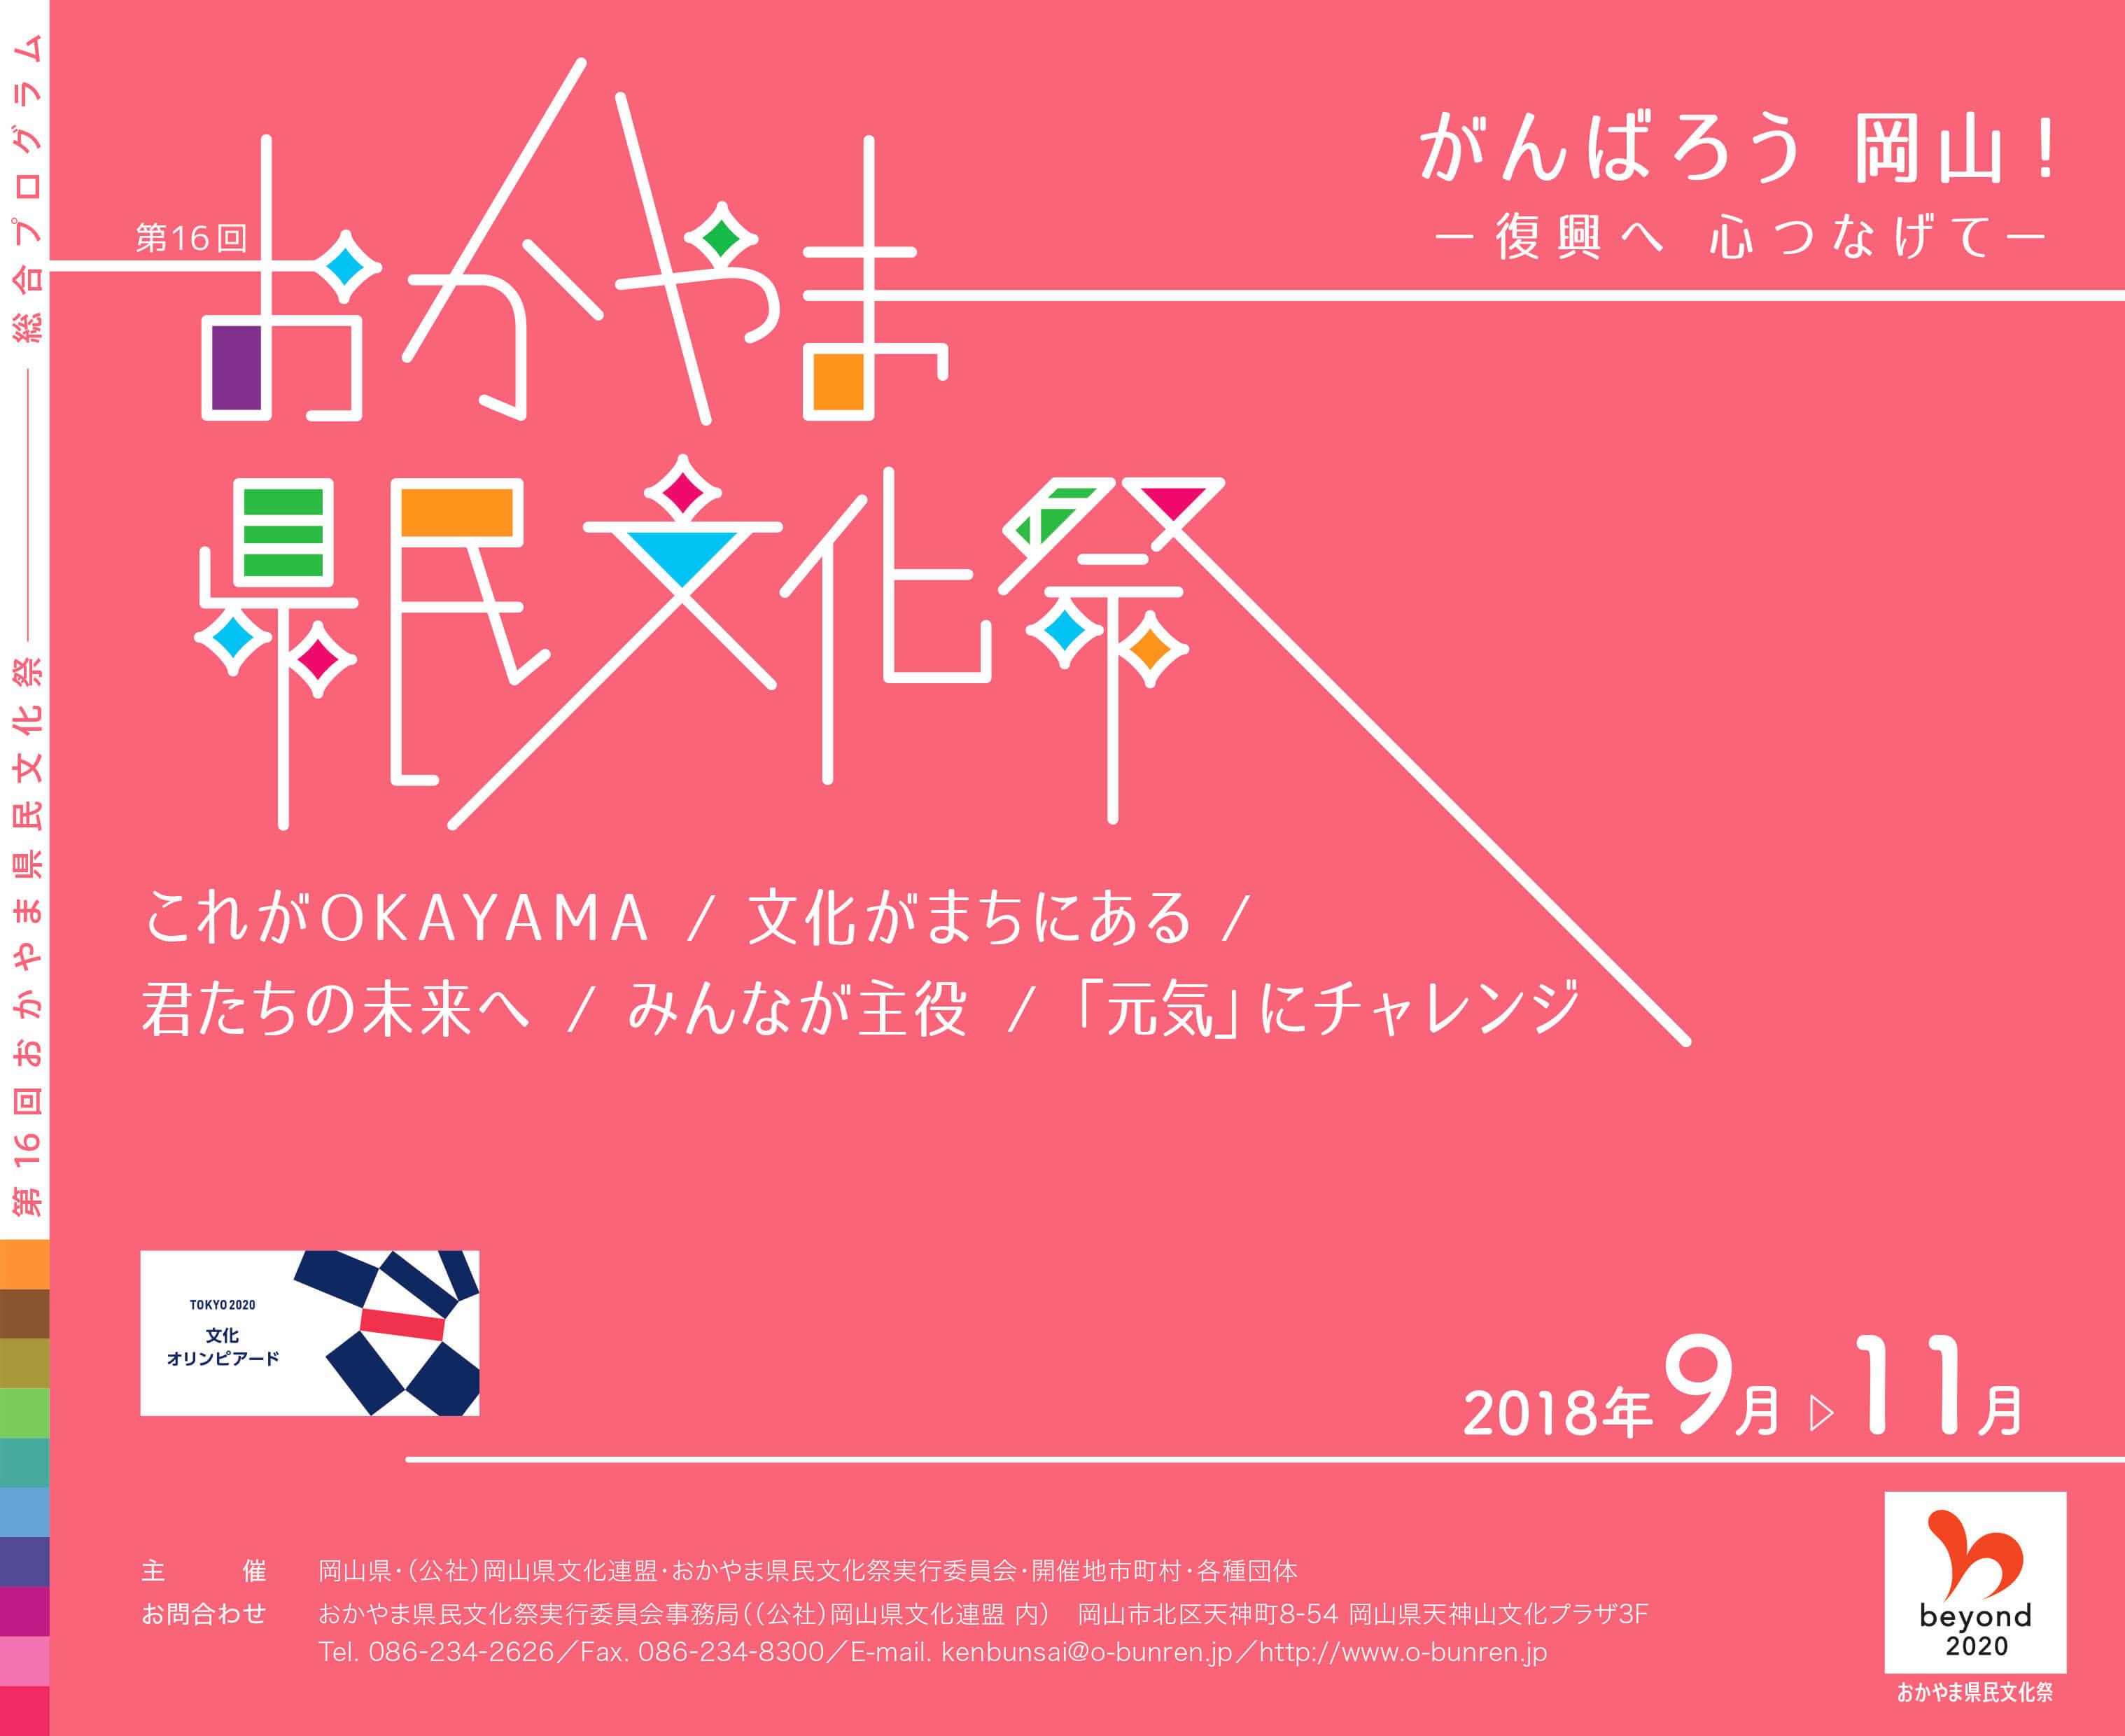 第16回おかやま県民文化祭 【2018年 9月から11月末まで開催】